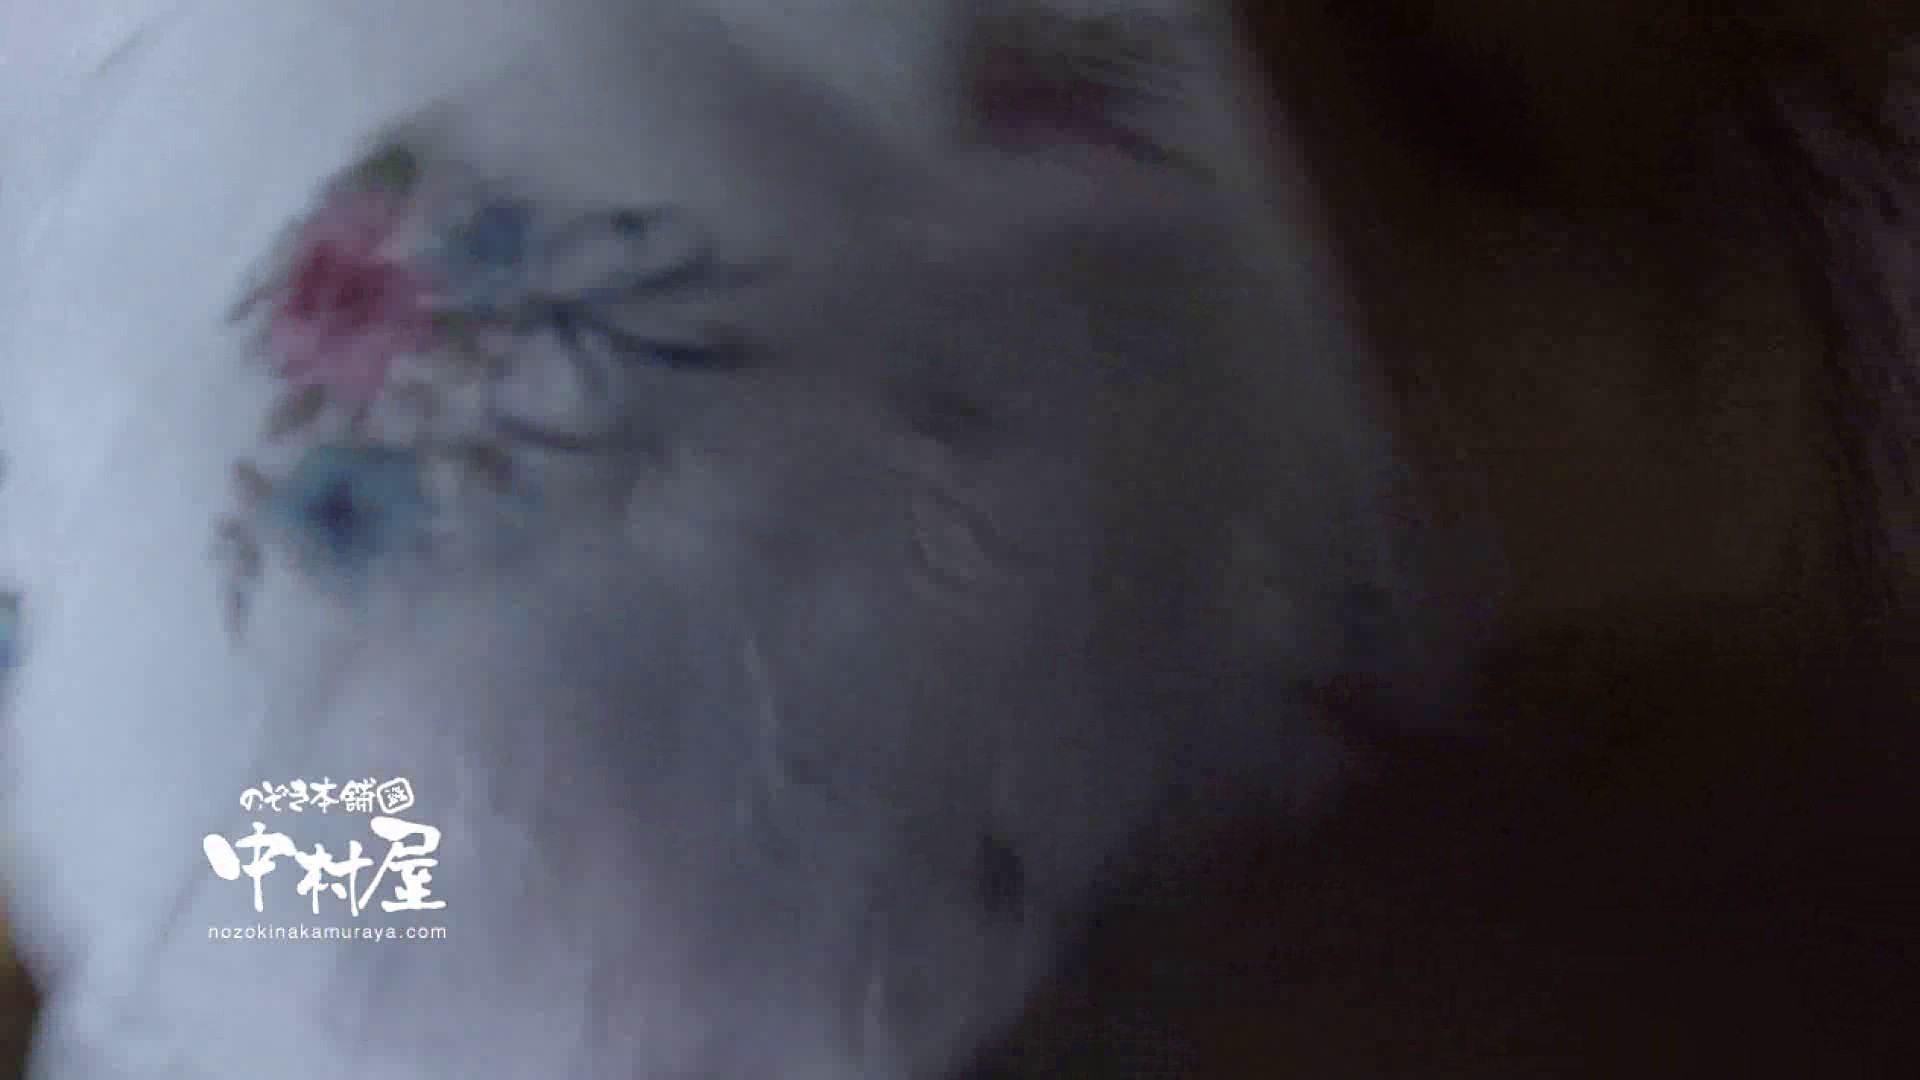 鬼畜 vol.10 あぁ無情…中出しパイパン! 前編 エッチなセックス 盗み撮り動画 107画像 48